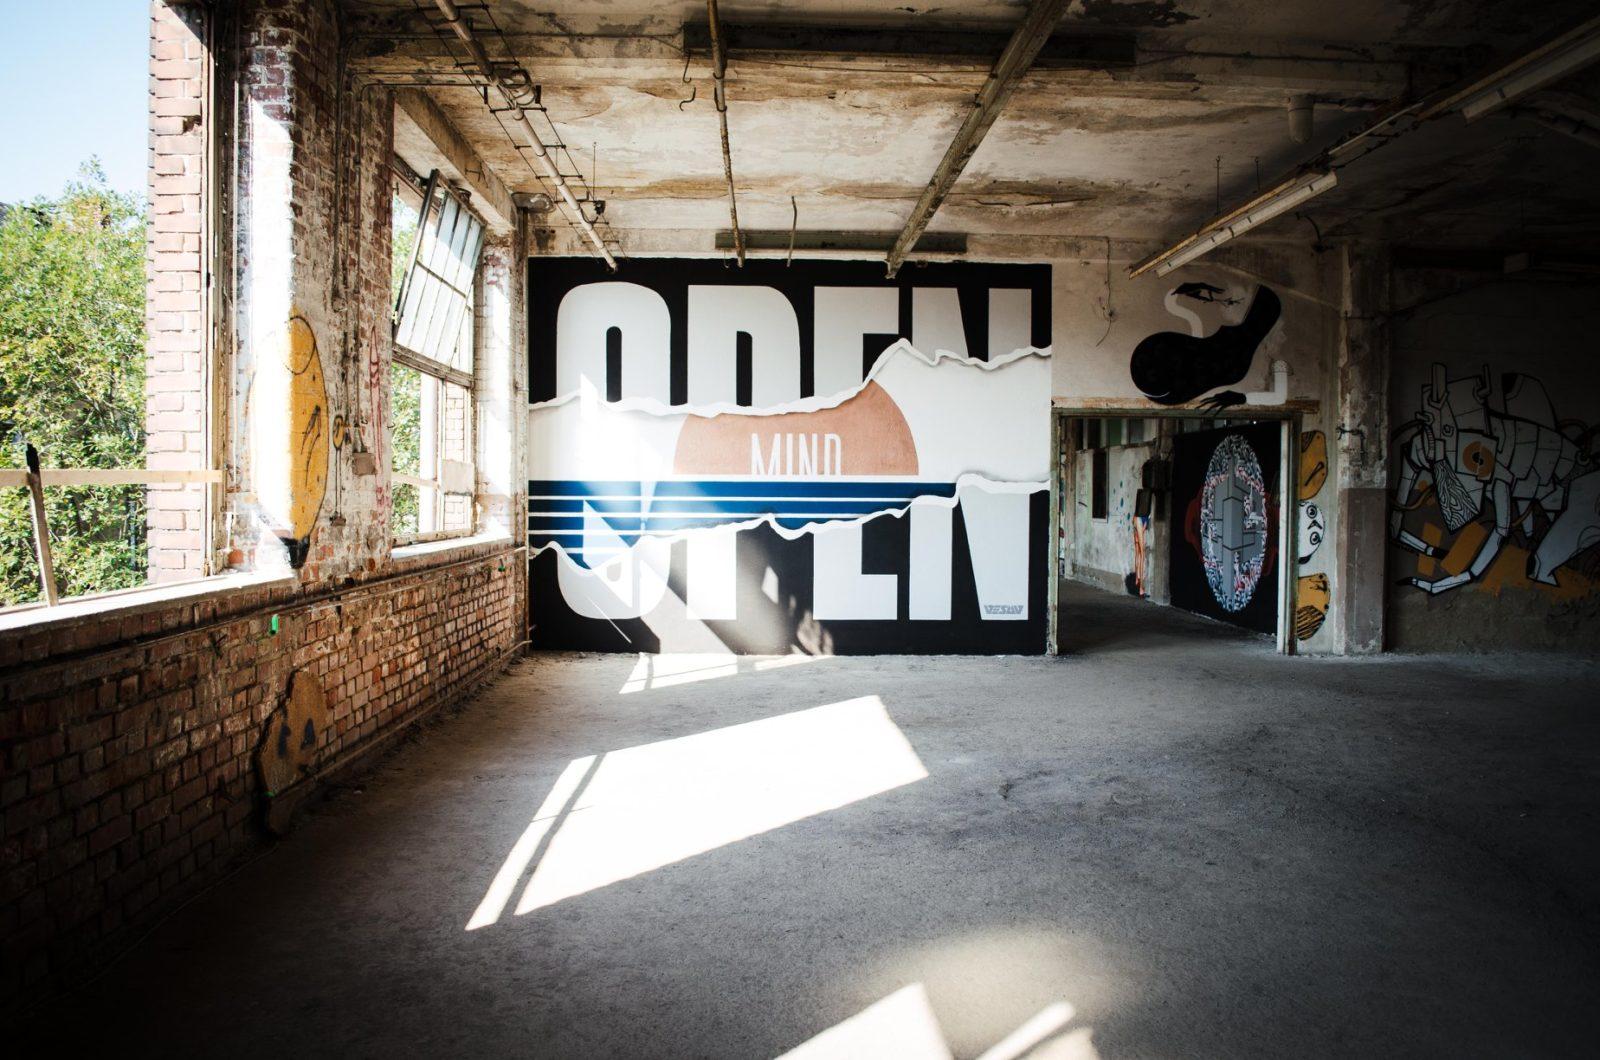 iBUG street art festival allemagne urbex friche abandonnee VESUV copyright Loquita Pictures - Où partir cet été ? À la découverte des meilleurs festivals de street art en Europe